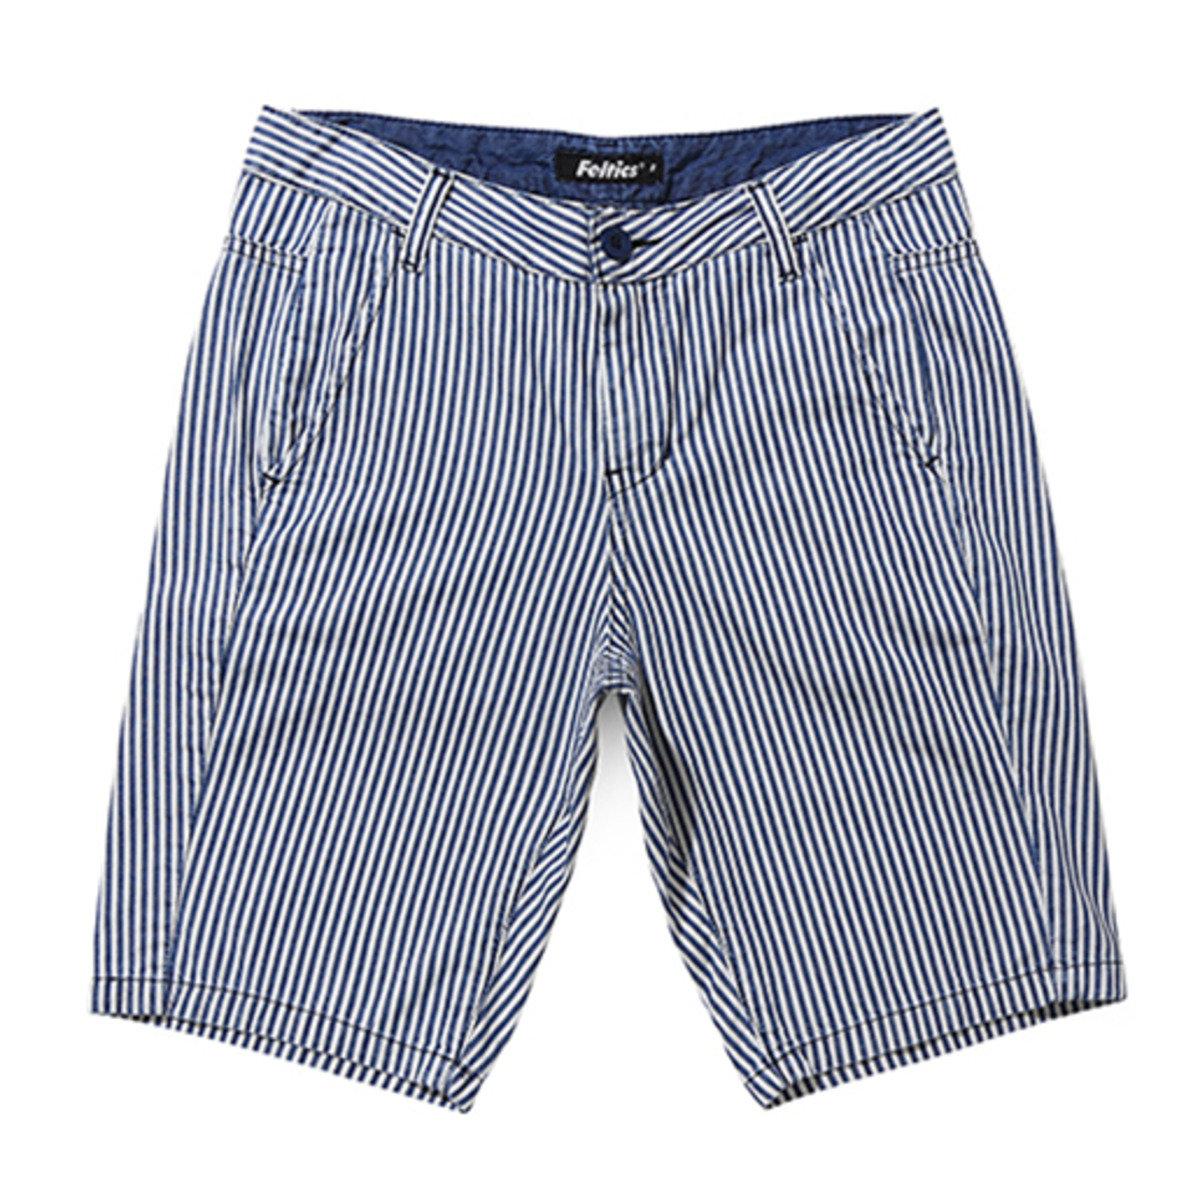 條紋短褲_FEOBMSP01